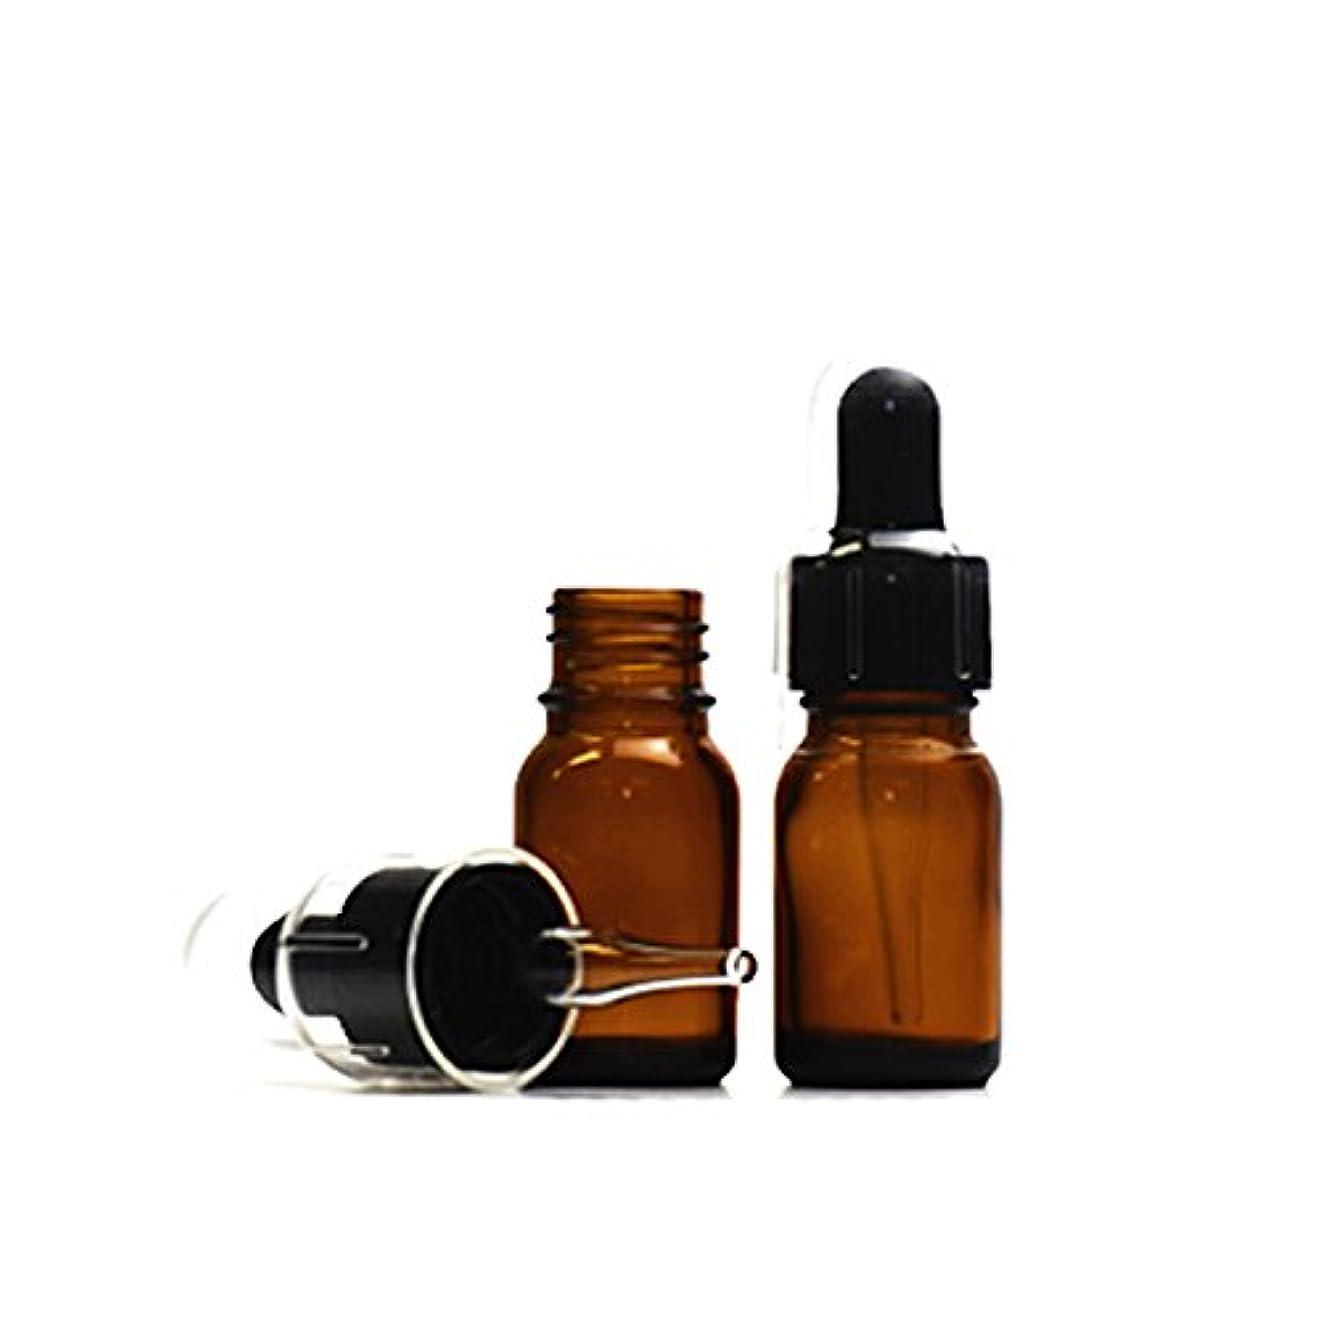 論理みすぼらしい早めるスポイトキャップ付茶色遮光瓶10ml (2本セット) (黒/ガラススポイトキャップ付/オーバーキャップ付)